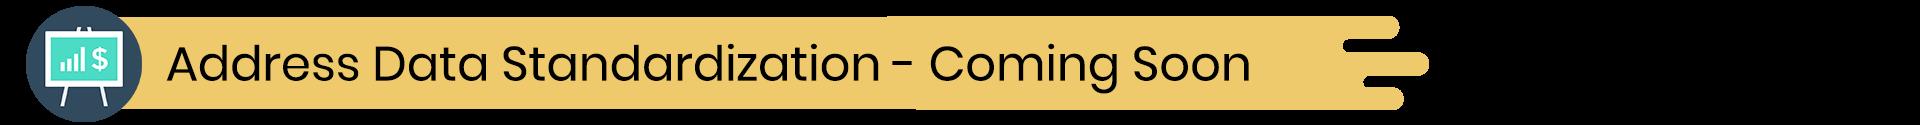 Exact Plus Feature - Address Data Standardization